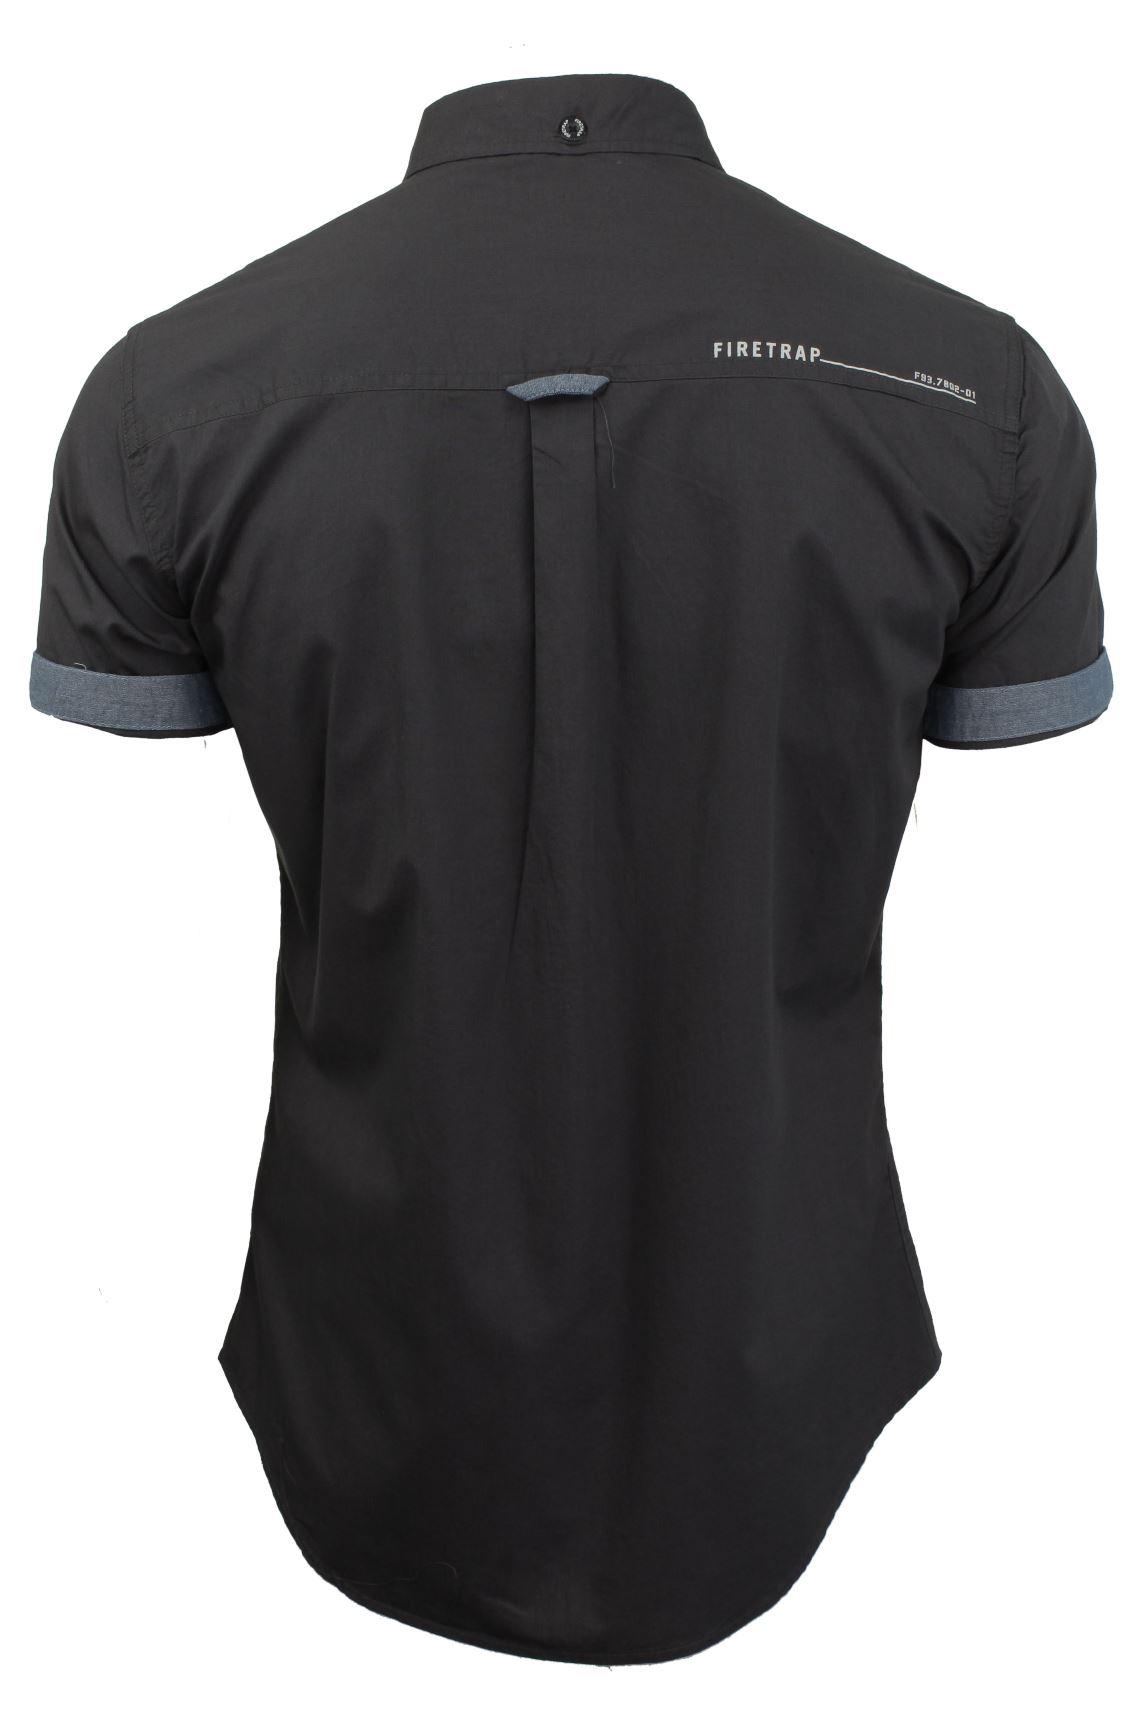 Da-Uomo-Popeline-Camicia-da-Firetrap-039-lanover-039-a-maniche-corte-Slim-Fit miniatura 17